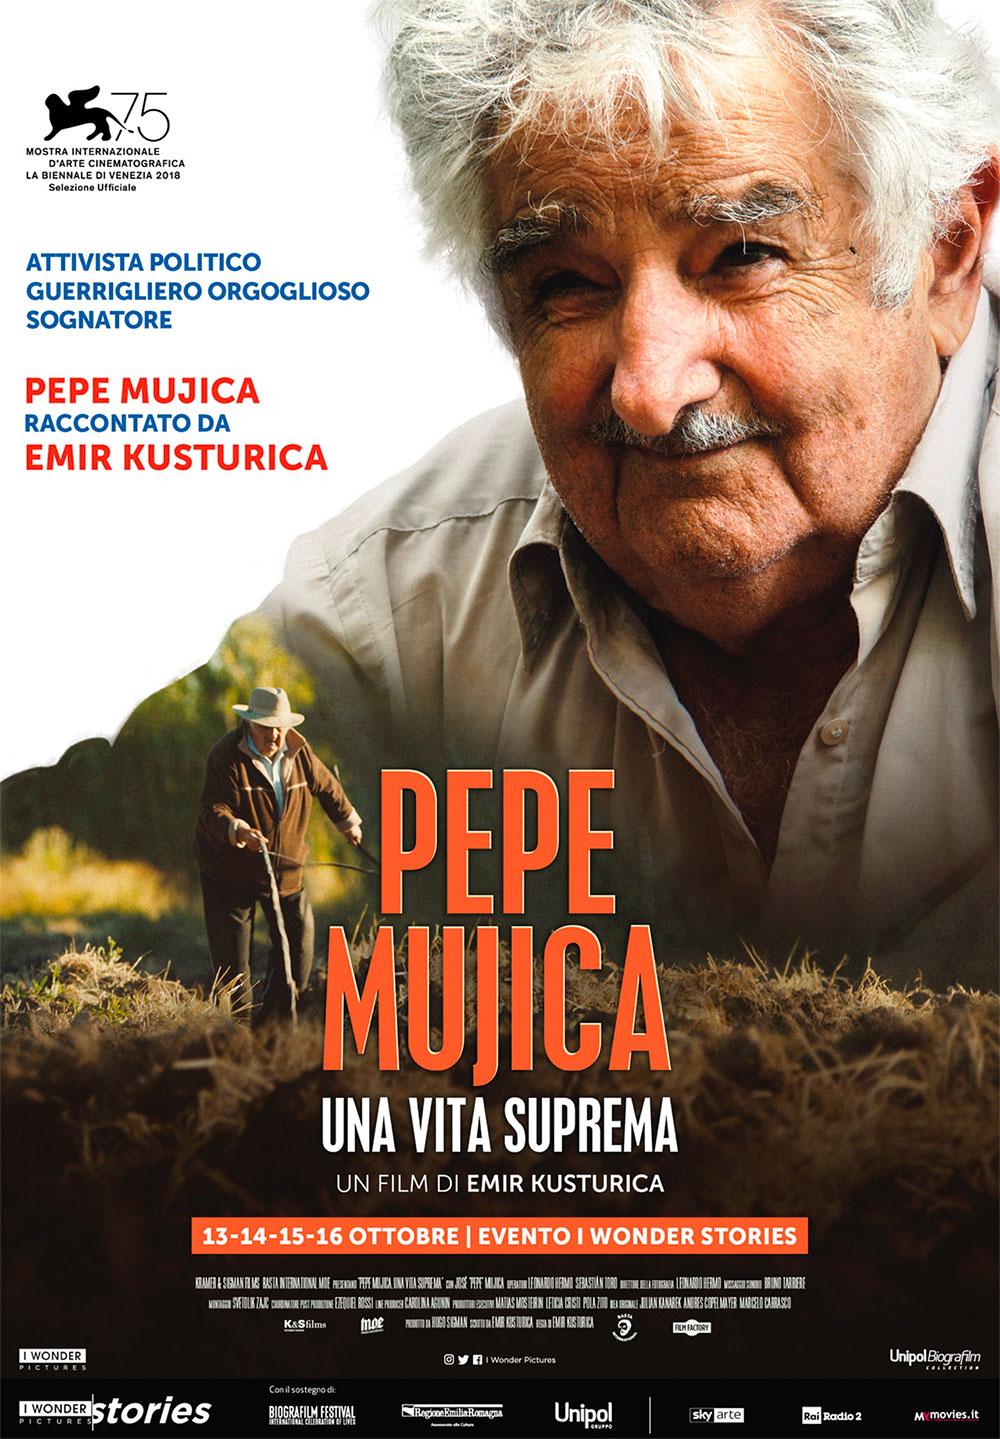 Pepe Mujica – Una vita suprema: elogio della sobrietà al potere